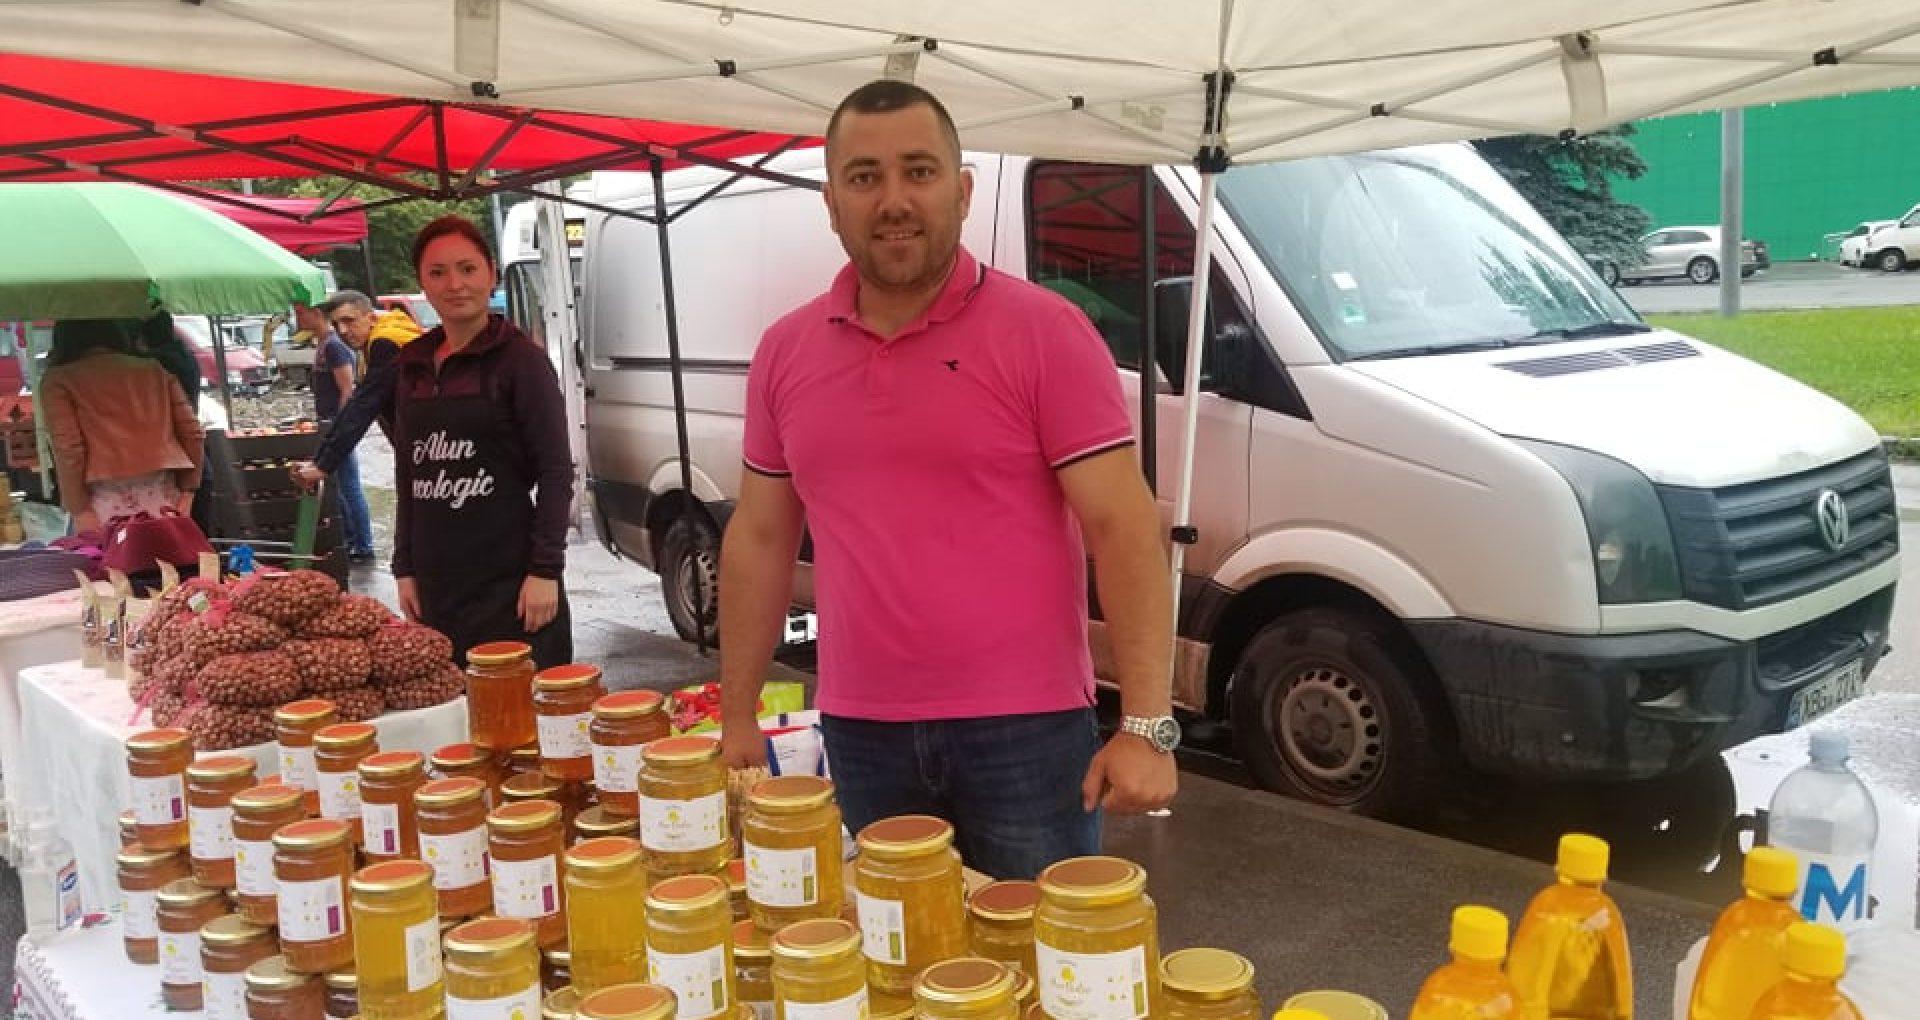 """FOTO/ Circa 70 de producători autohtoni participă la târgul """"Cămara Fest"""". Vizitatorii pot cumpăra miere de albini, fructe proaspete sau uscate, legume, pâine cu cereale și semințe, brânză de oi, salamuri și afumături"""